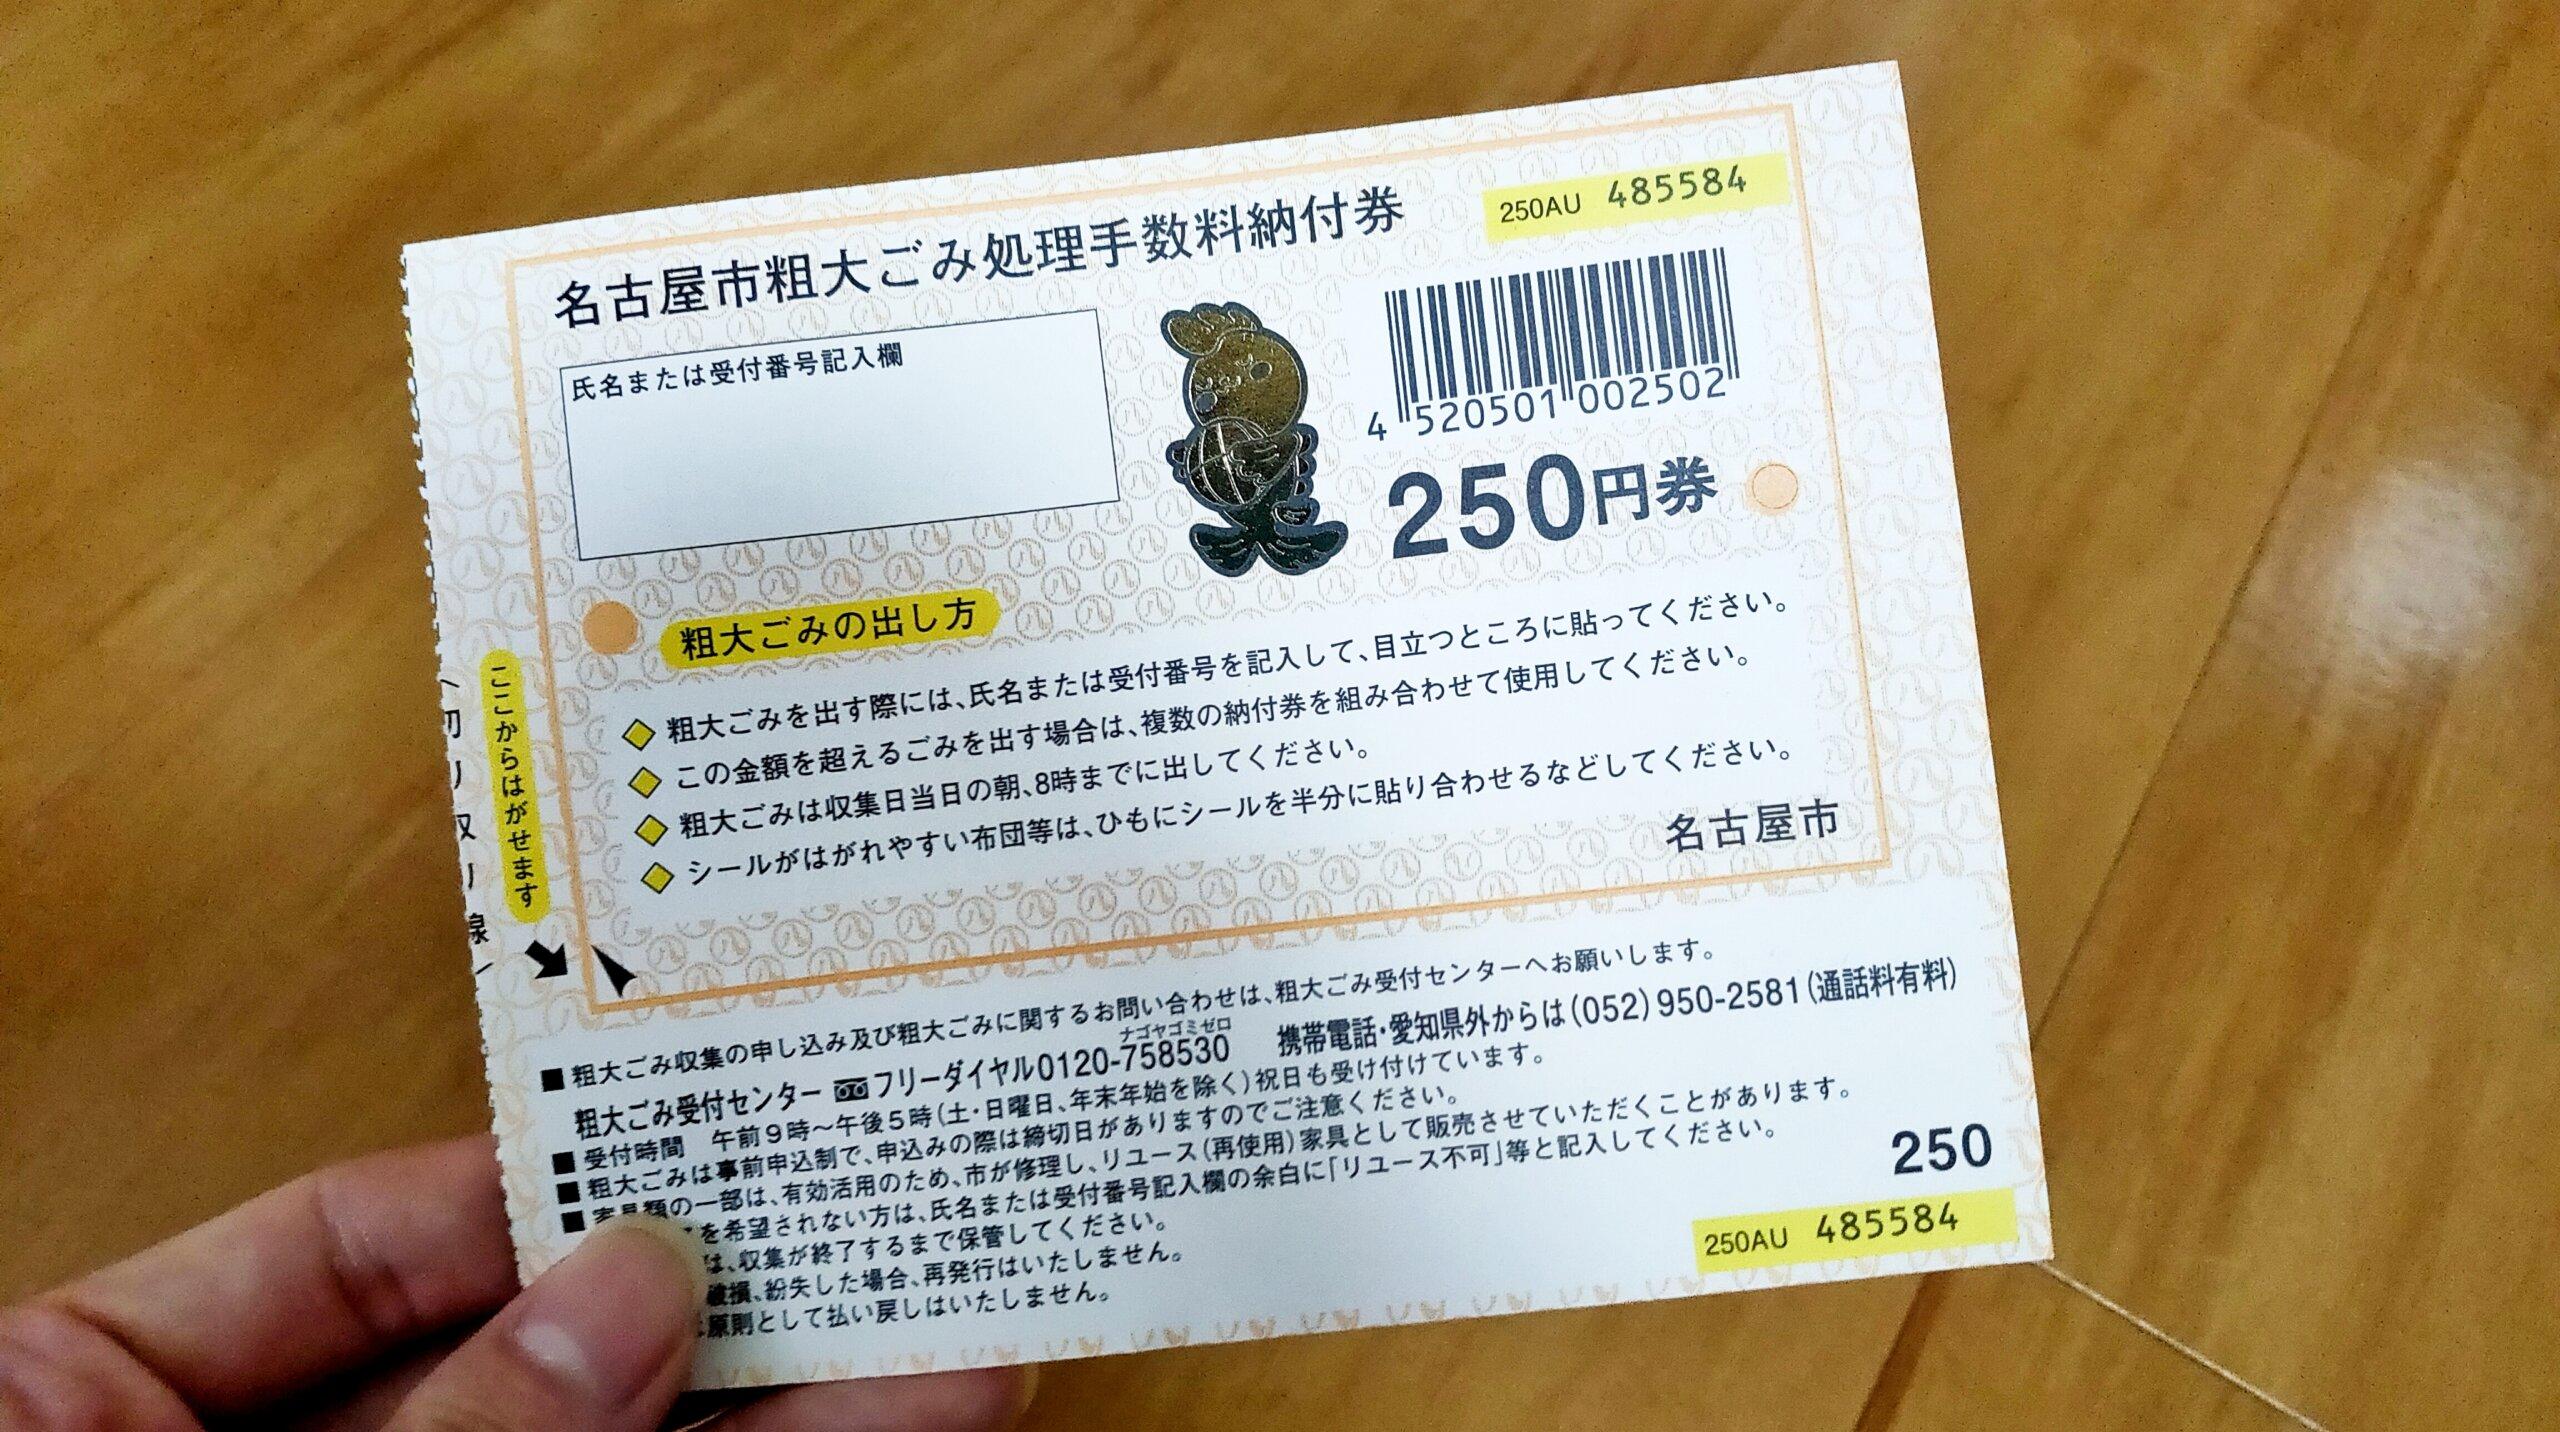 名古屋市で粗大ごみを回収してもらうために必要な納付券